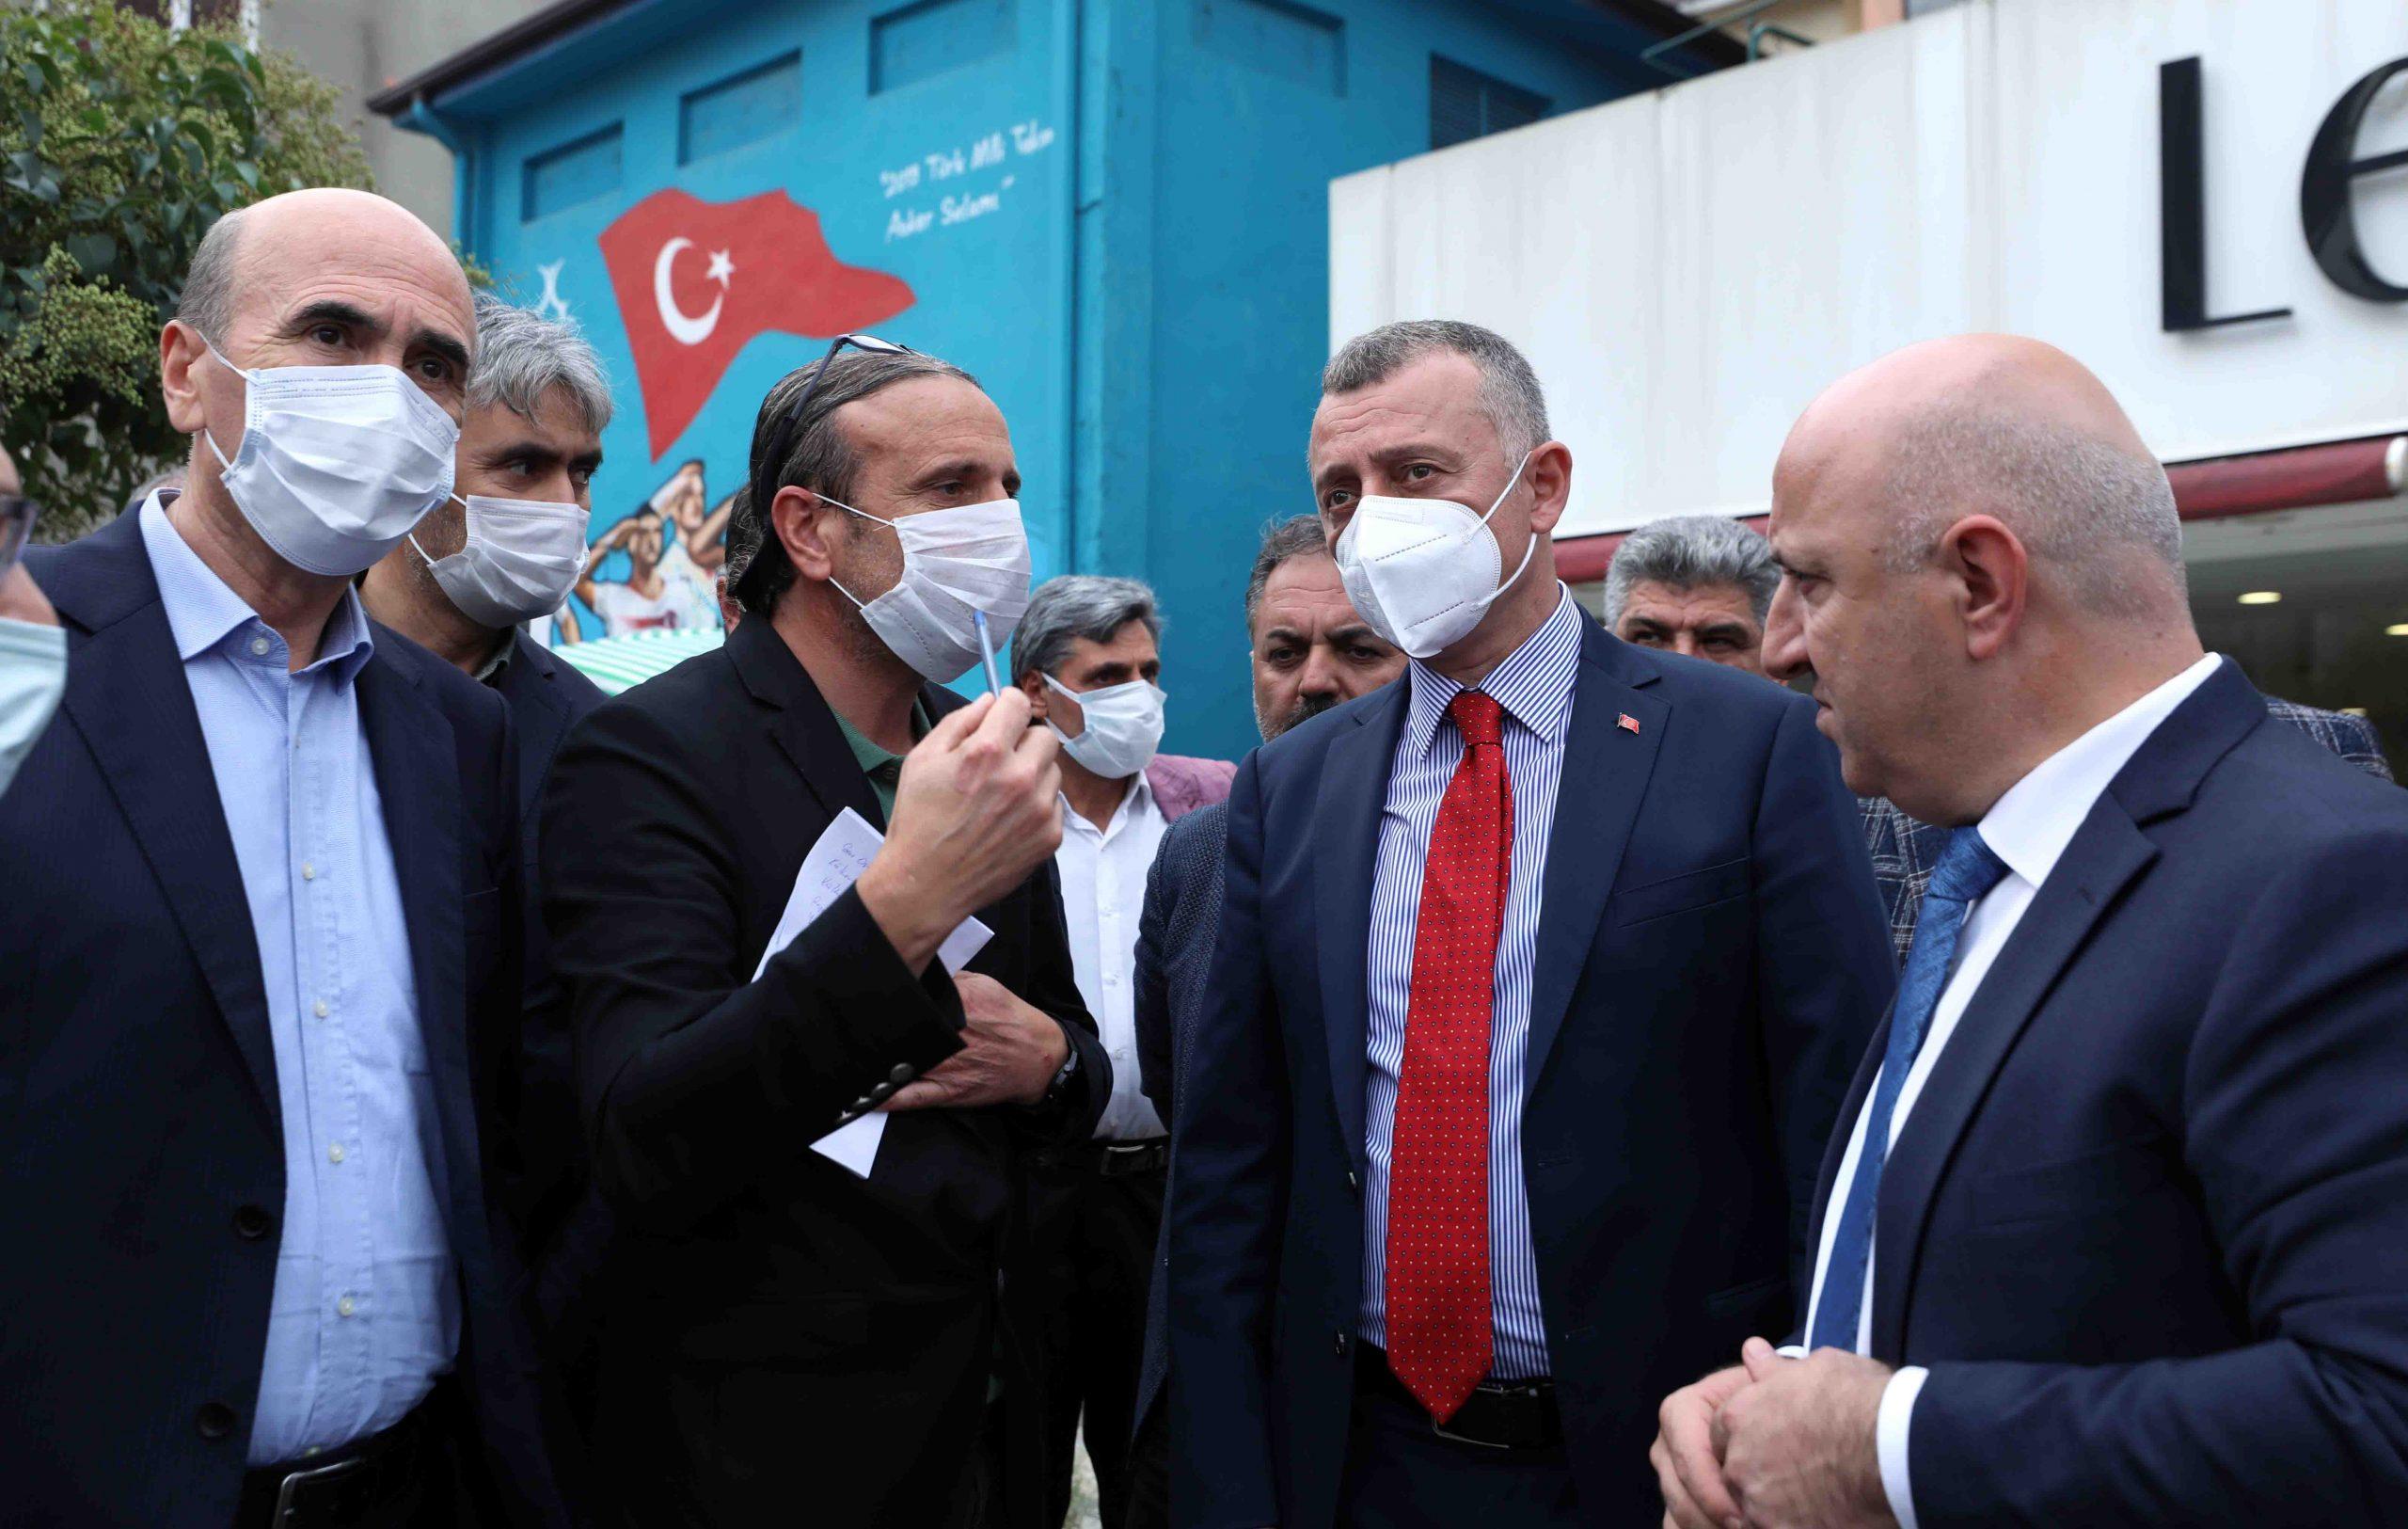 Başkan Büyükakın, Darıca İstasyon ve Atatürk Caddesi'ndeki esnafla bir araya geldi